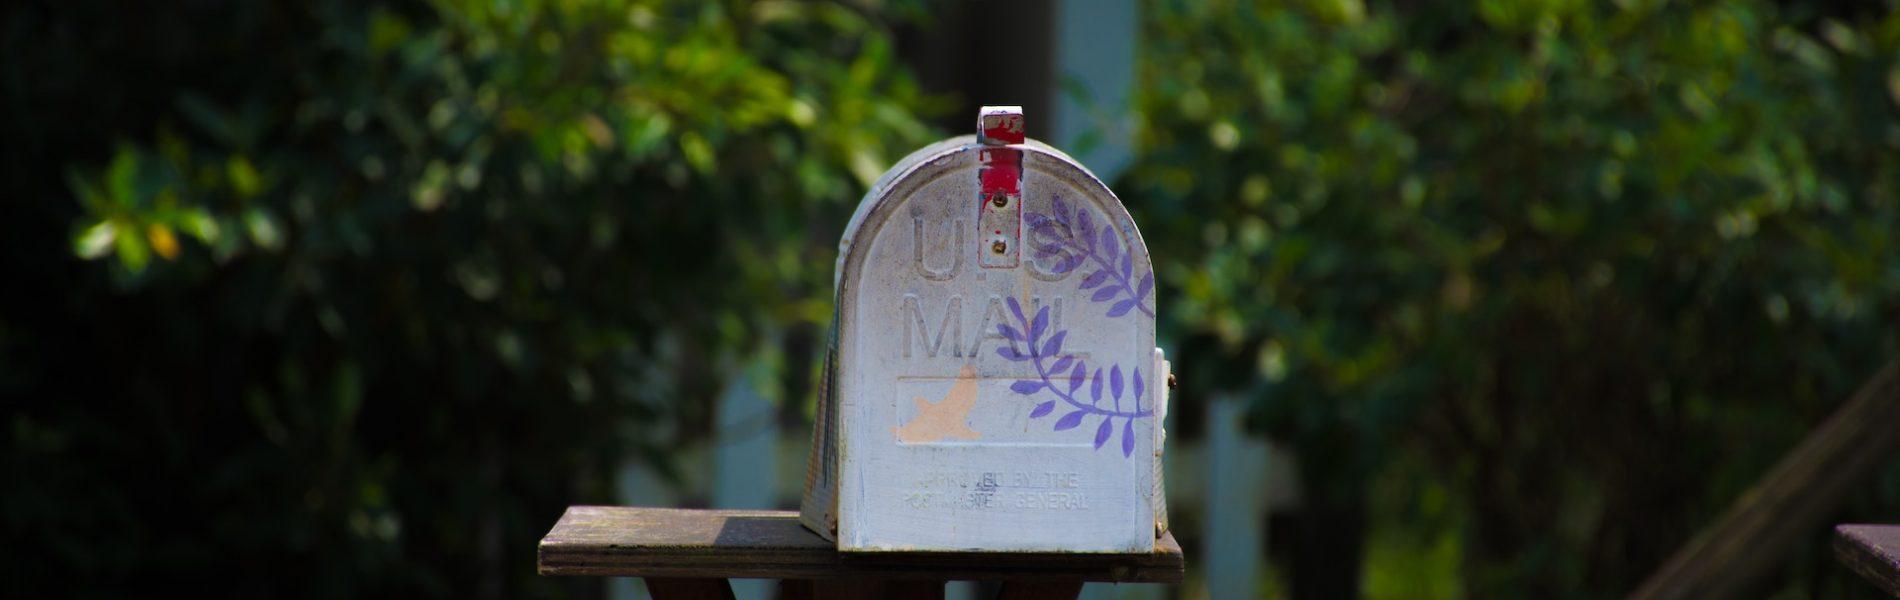 Photo d'une vieille boite aux lettres en métal avec des branches violette dessinées sur le devant